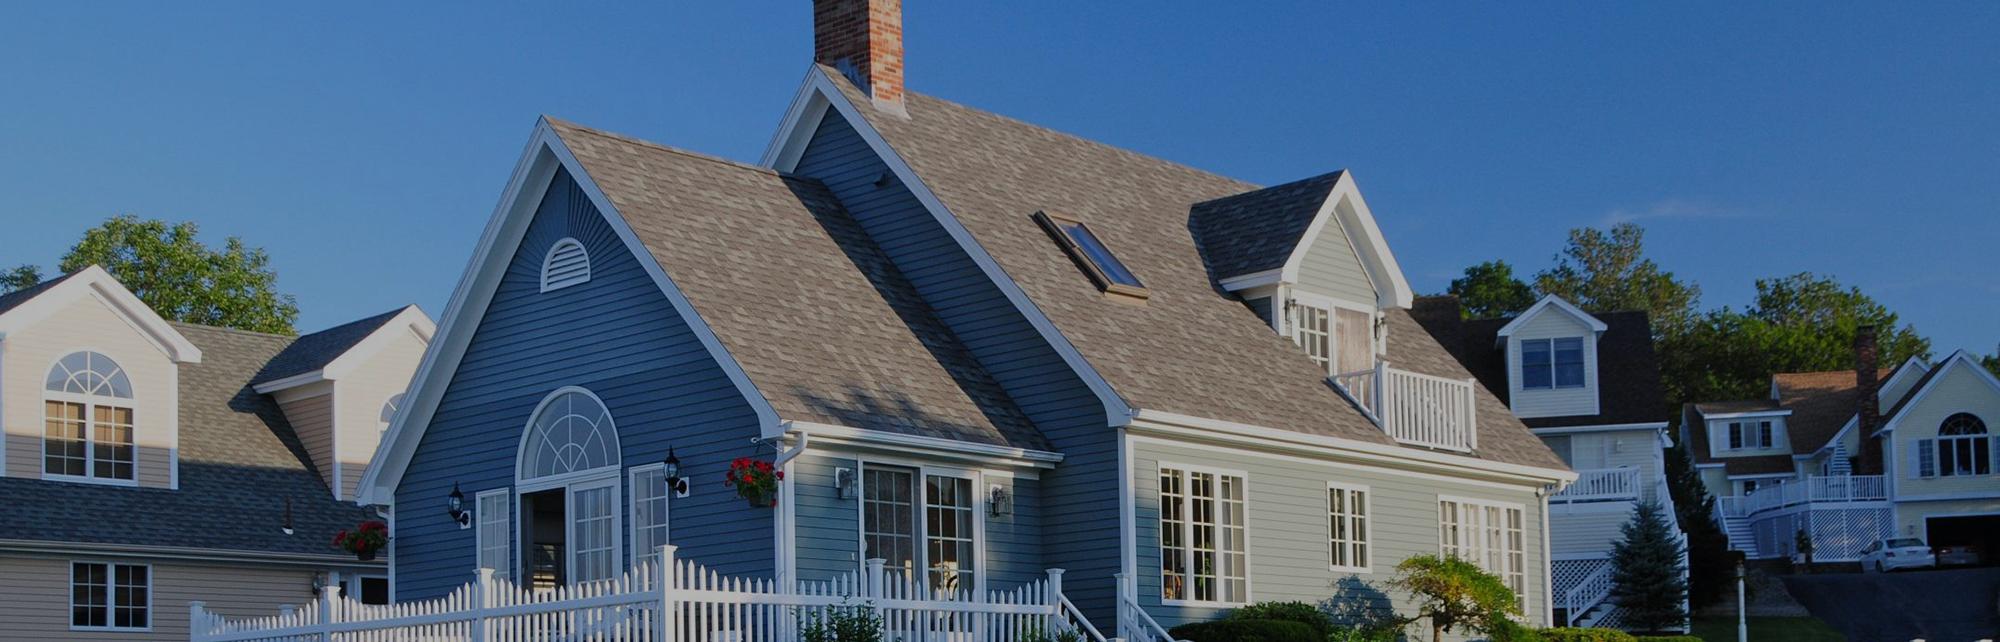 Quick estimate exterior interior commercial residential painting home design idea - Exterior painting estimates design ...